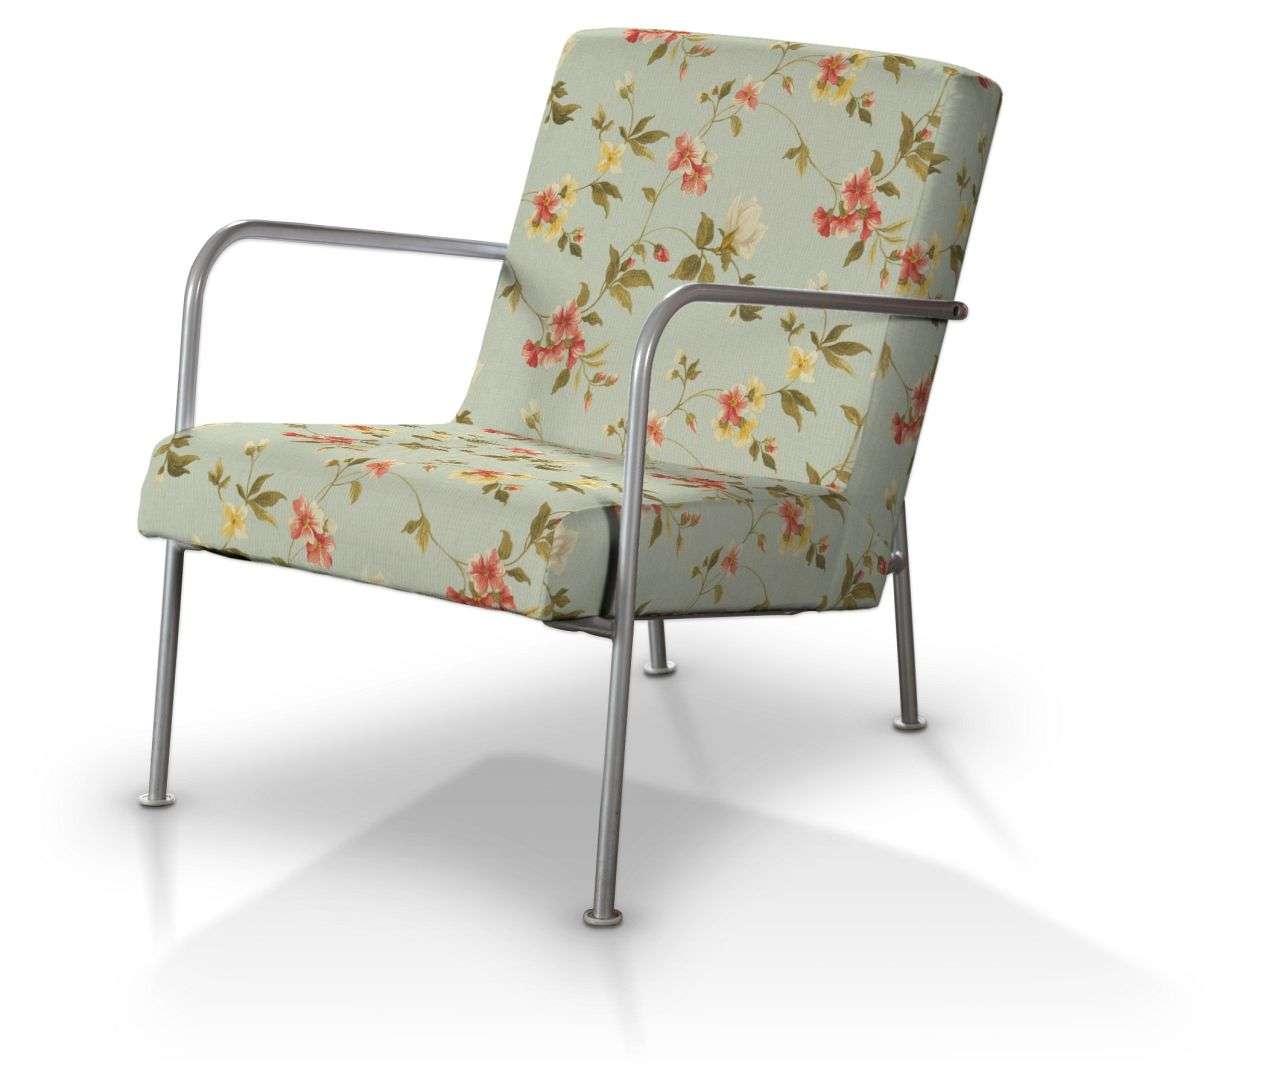 Pokrowiec na fotel Ikea PS w kolekcji Londres, tkanina: 124-65